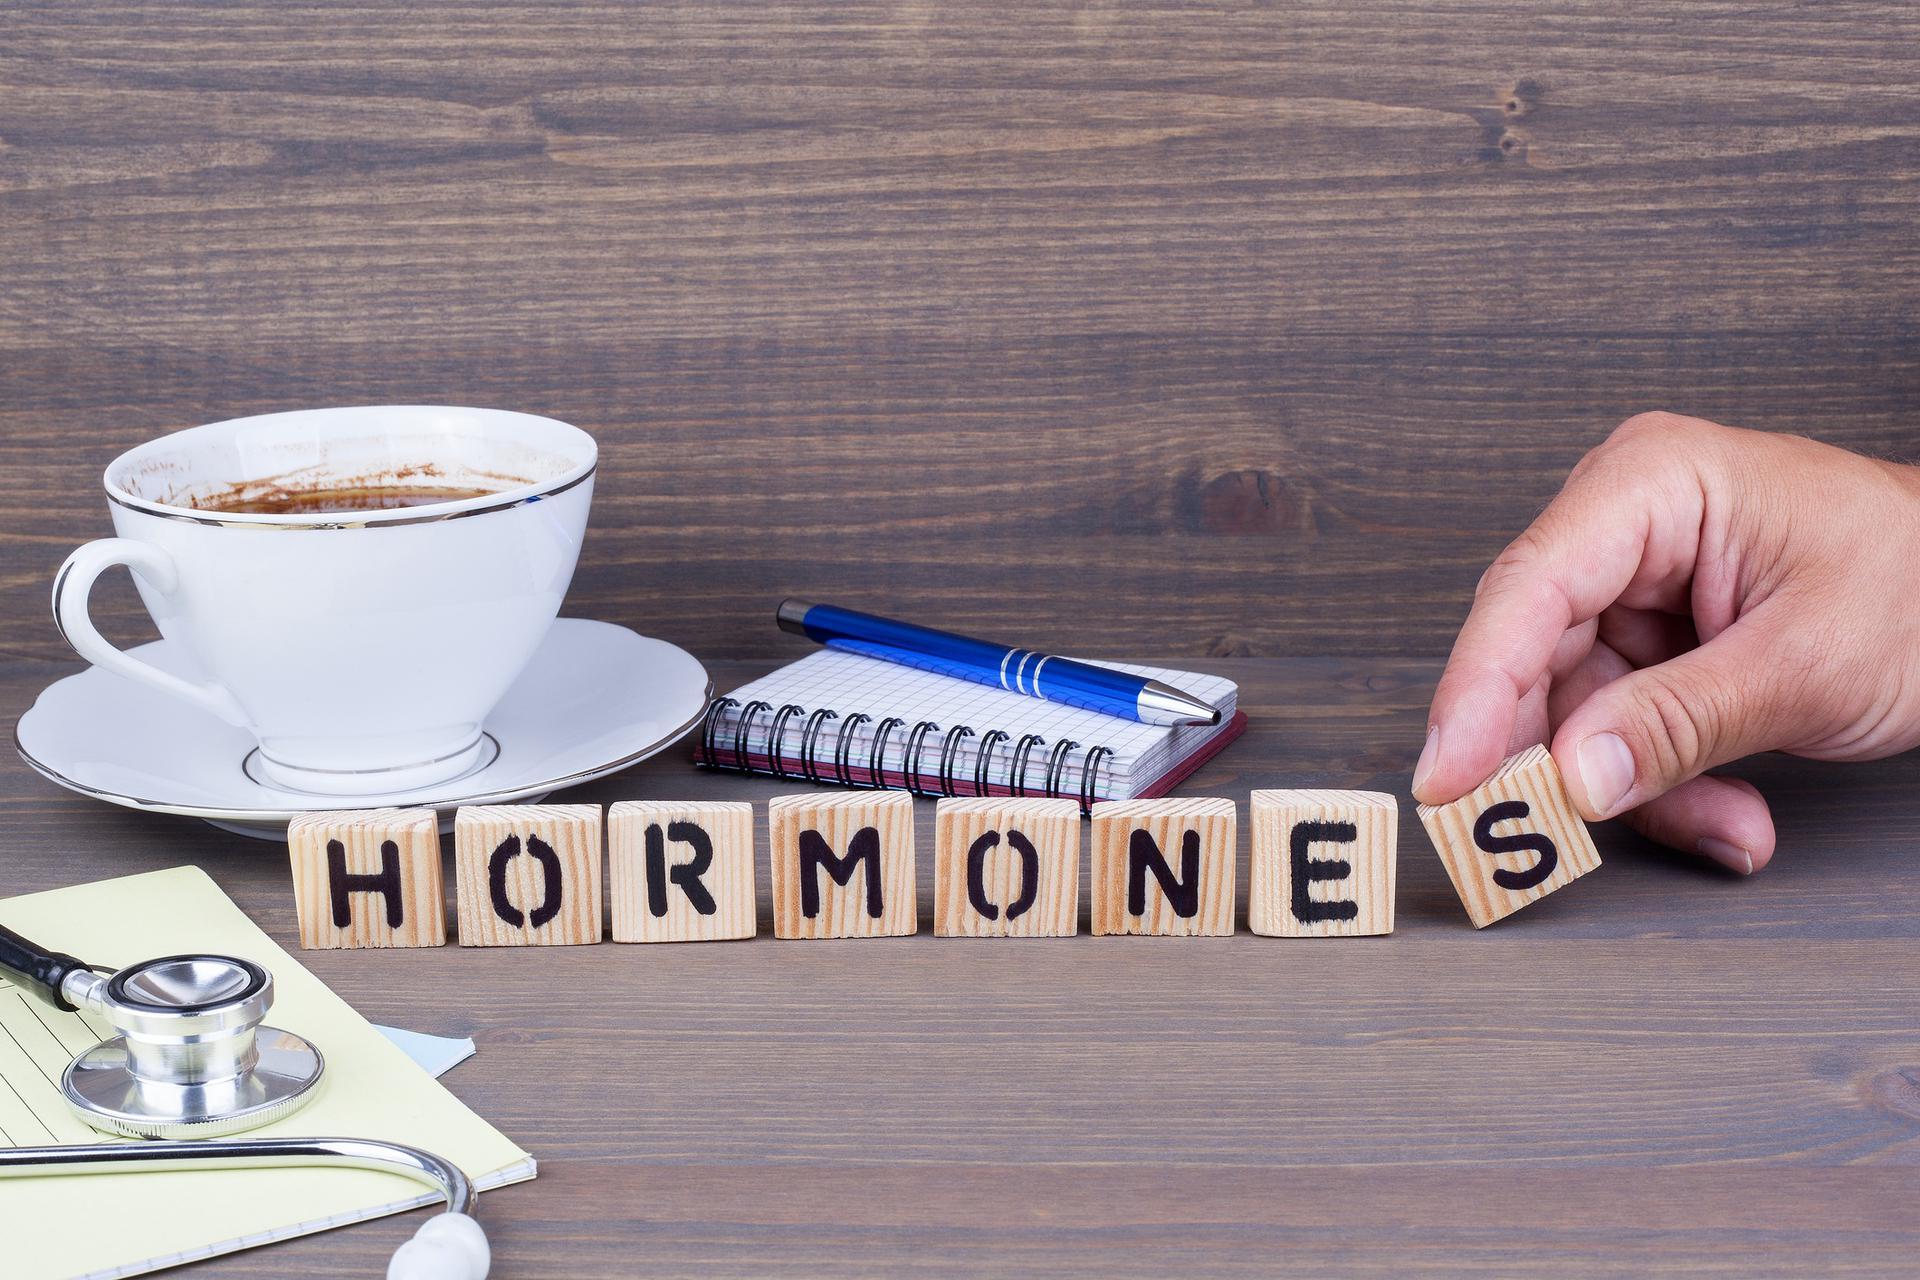 hormony-do-czego-służą-jak-działa-układ-hormonalny-Polska-Szkoła-Rodzenia-w-UK